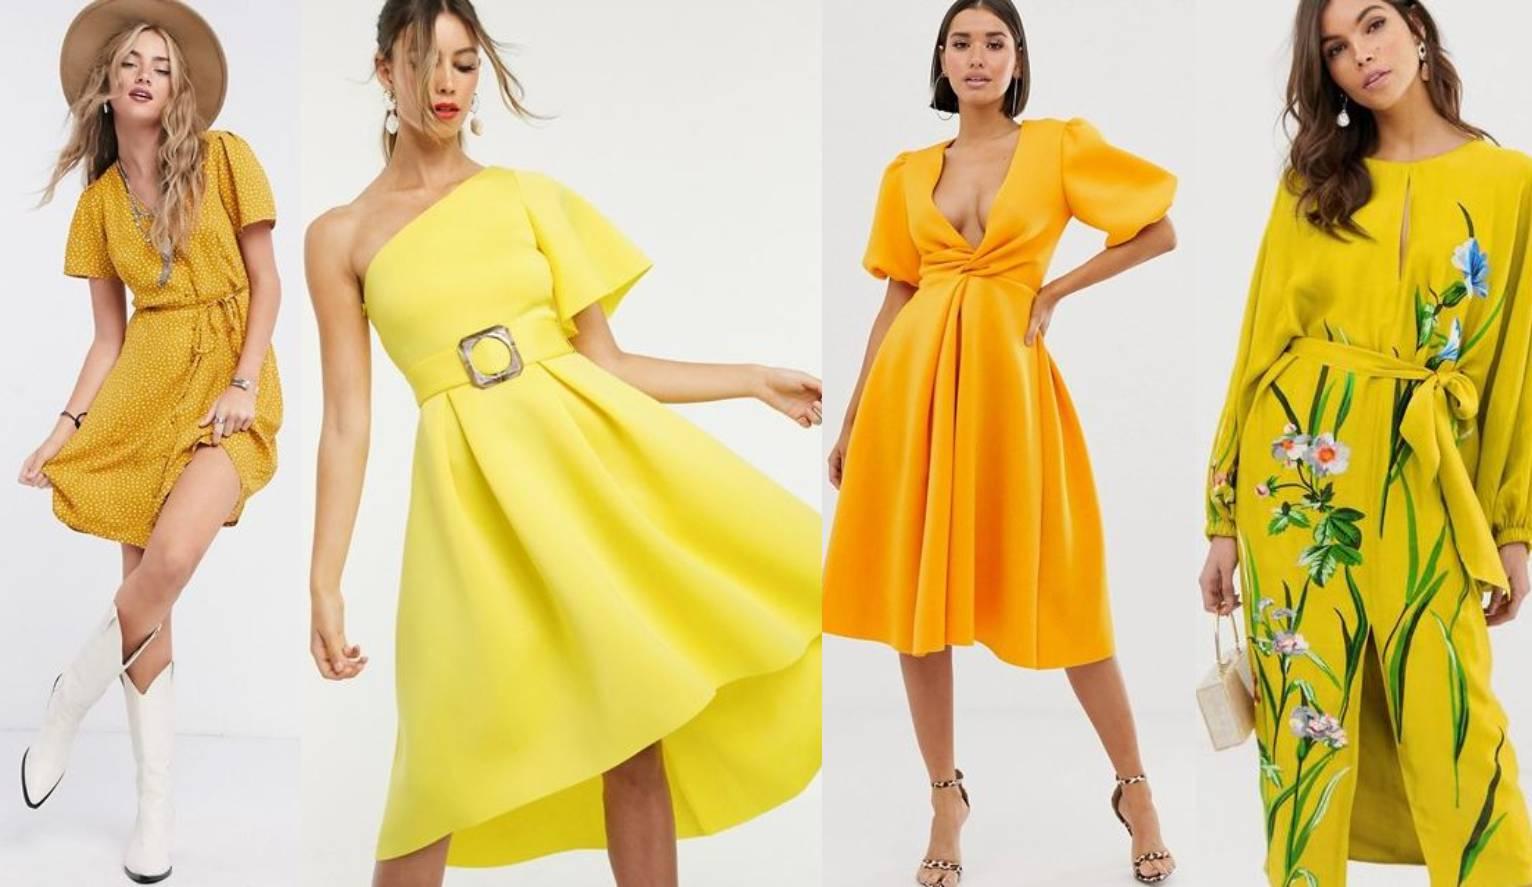 Sunčana, blistava žuta boja kao stilsko osvježenje za kraj ljeta